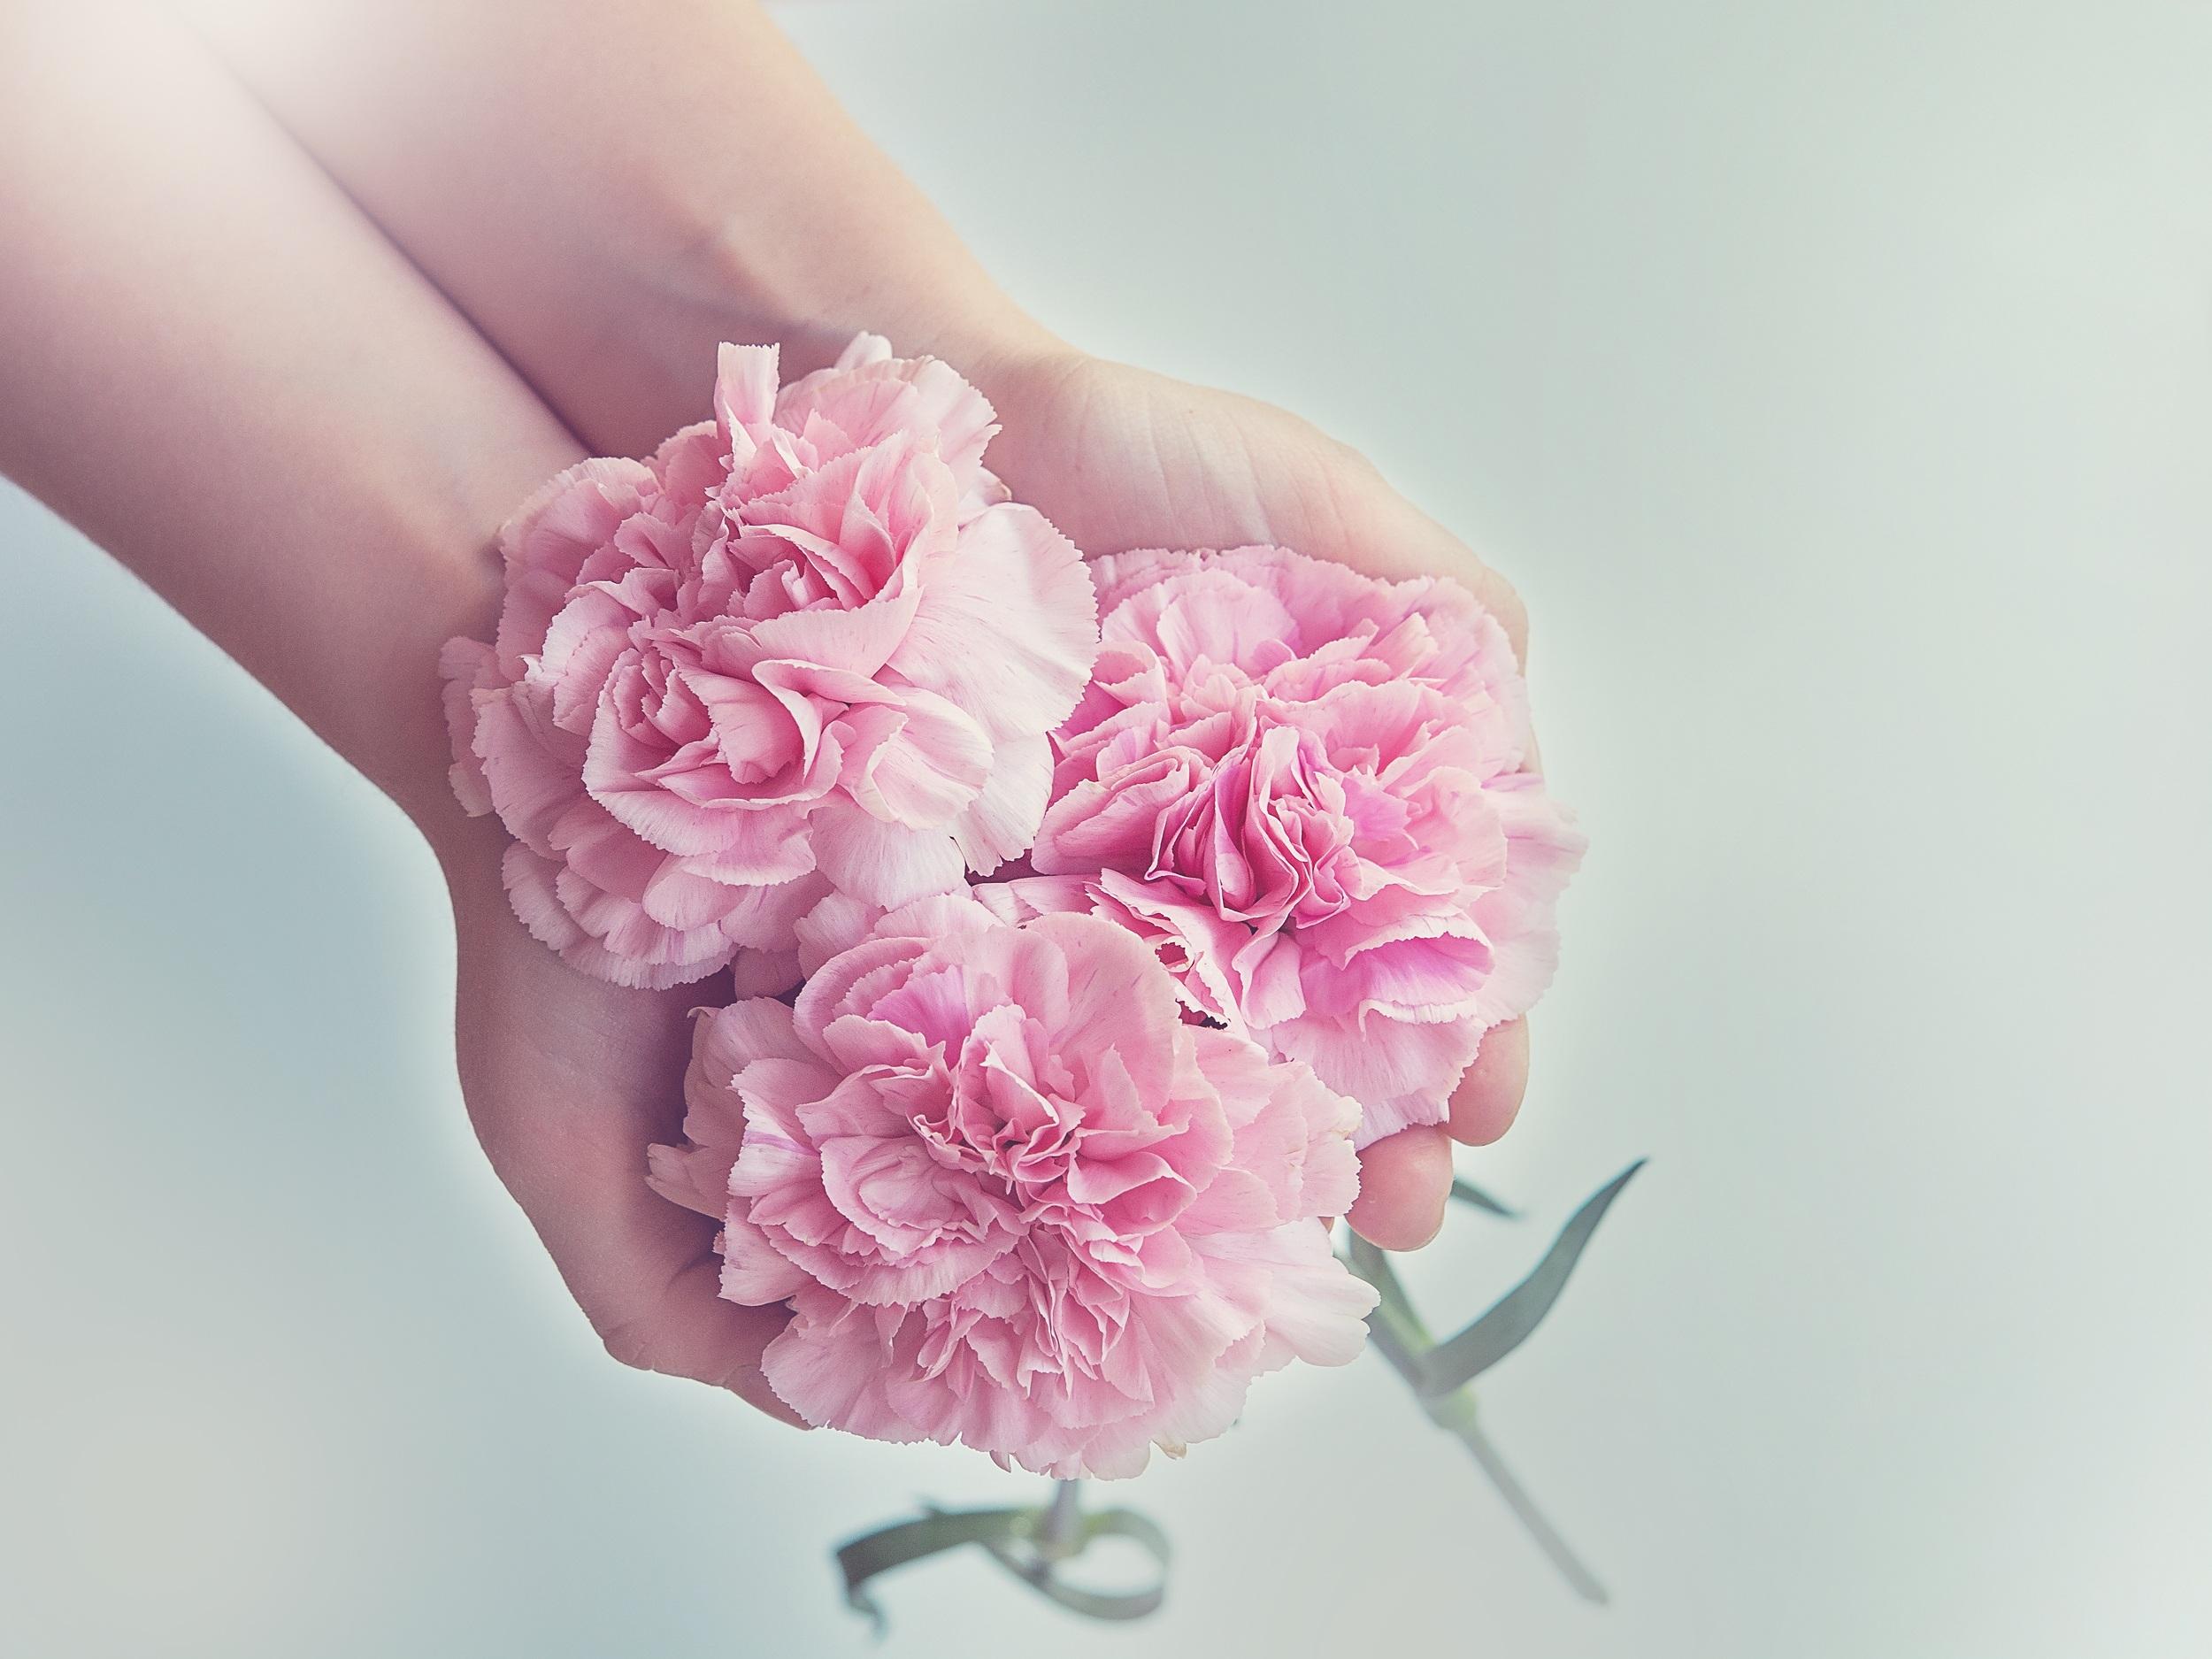 53467 Заставки и Обои Гвоздики на телефон. Скачать Цветы, Гвоздики, Руки, Розовый картинки бесплатно